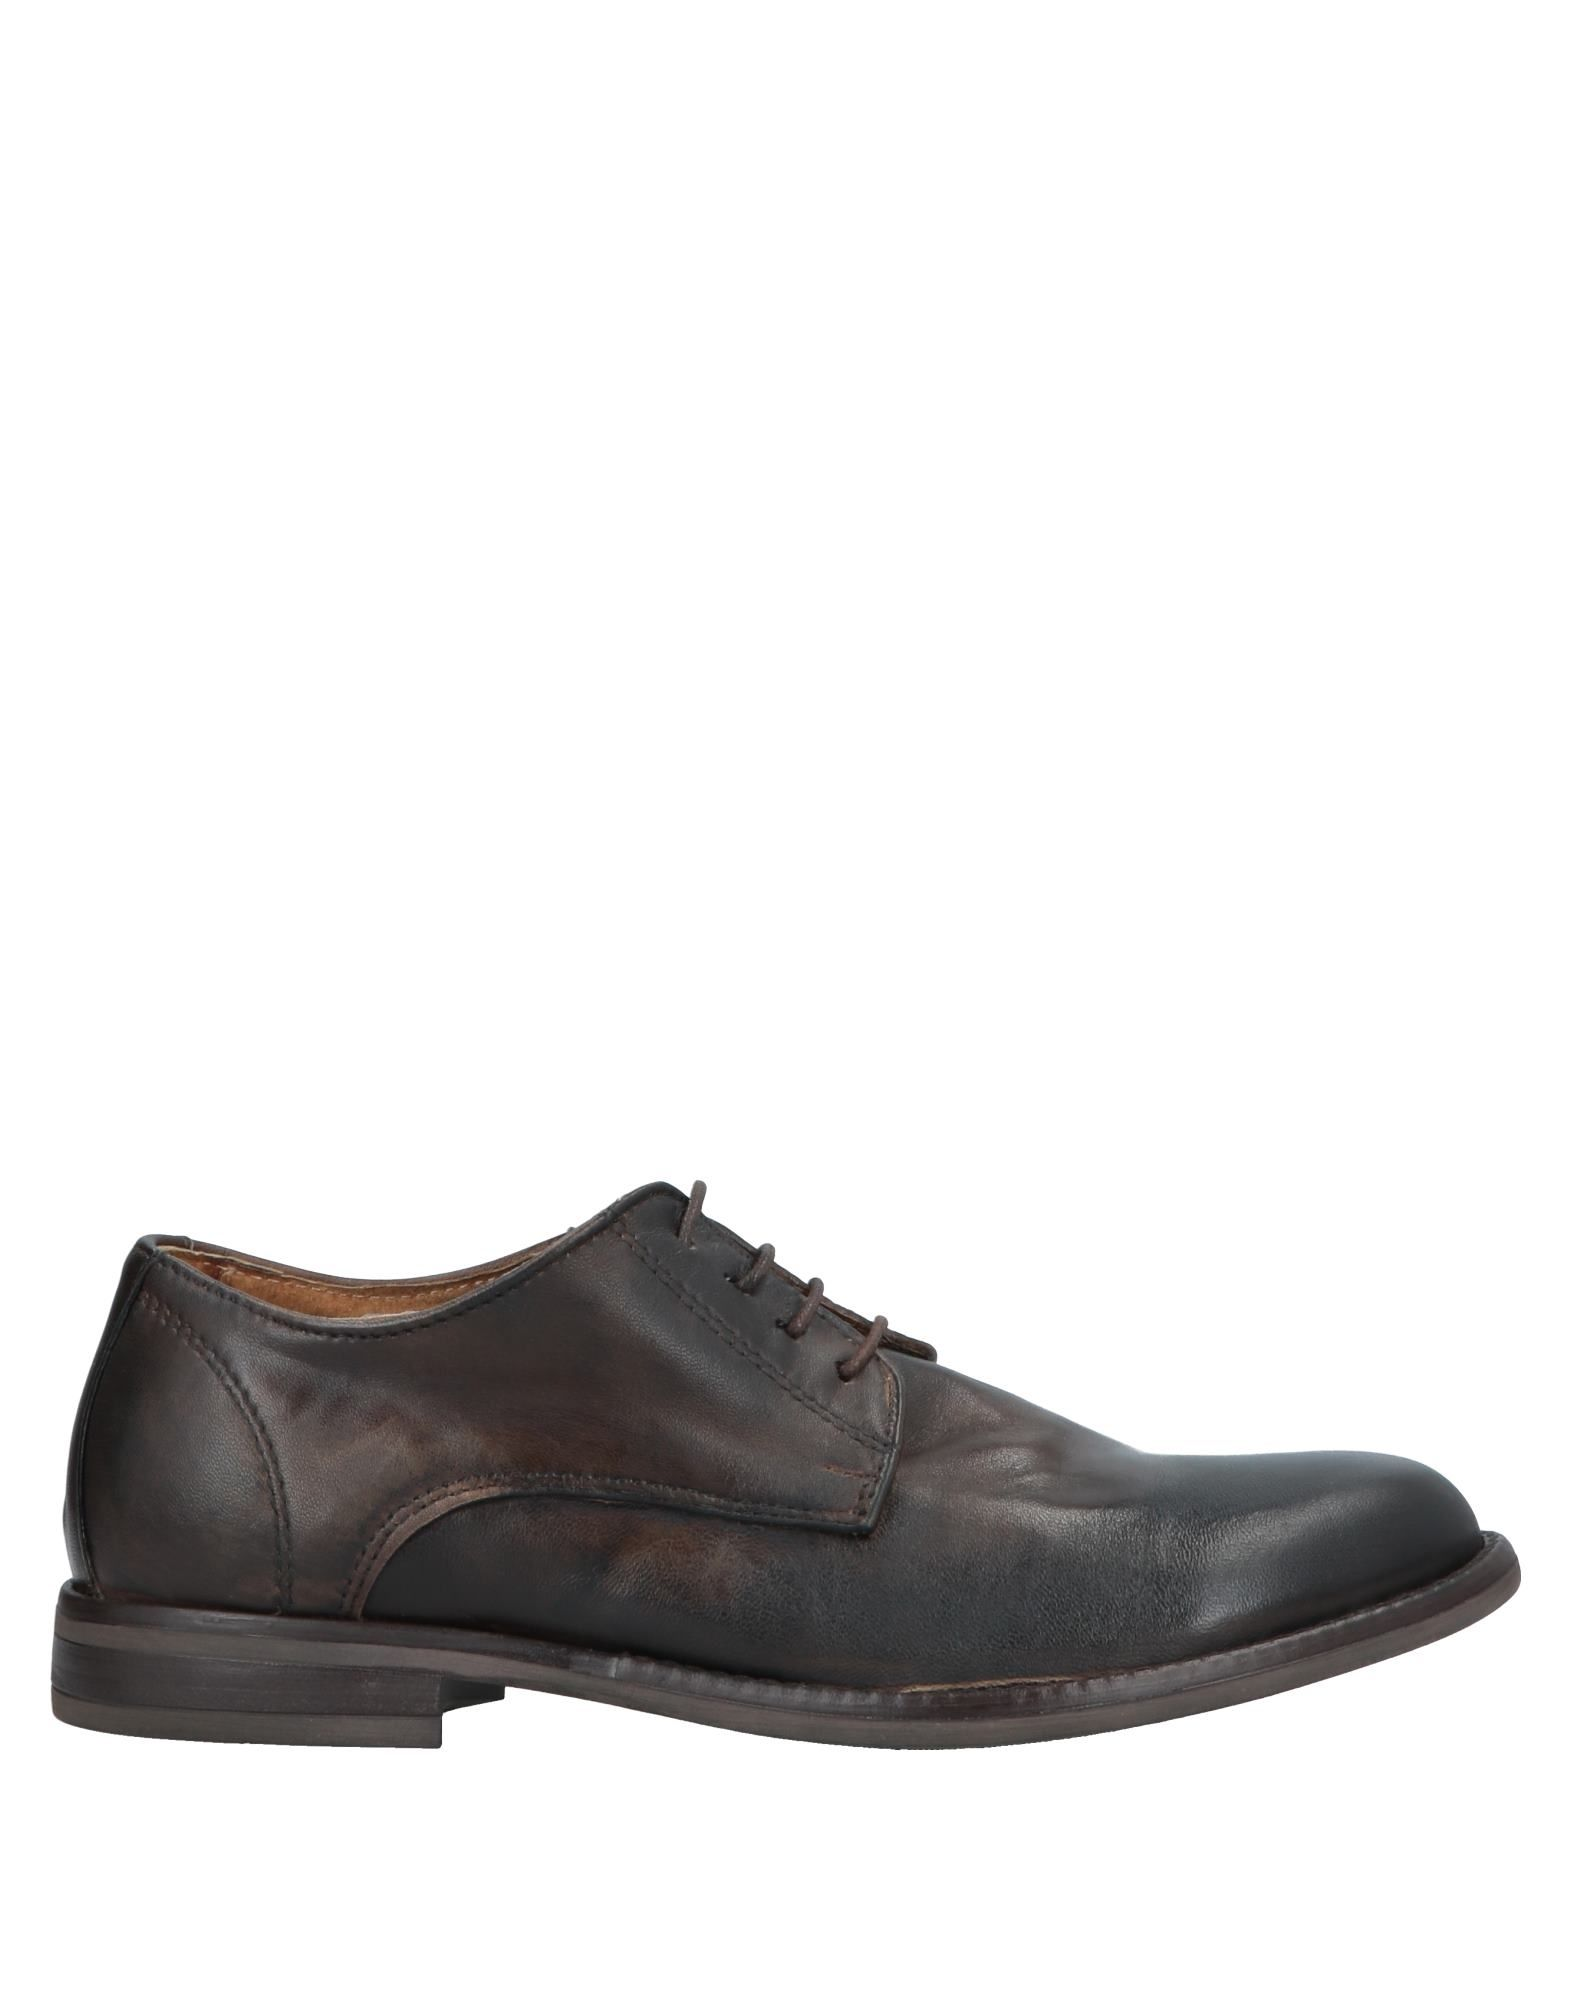 Café Zapato De Cordones Bruno Verri Hombre Hombre Hombre - Zapatos De Cordones Bruno Verri Nuevos zapatos para  hombres  y mujeres, descuento por tiempo limitado 008691